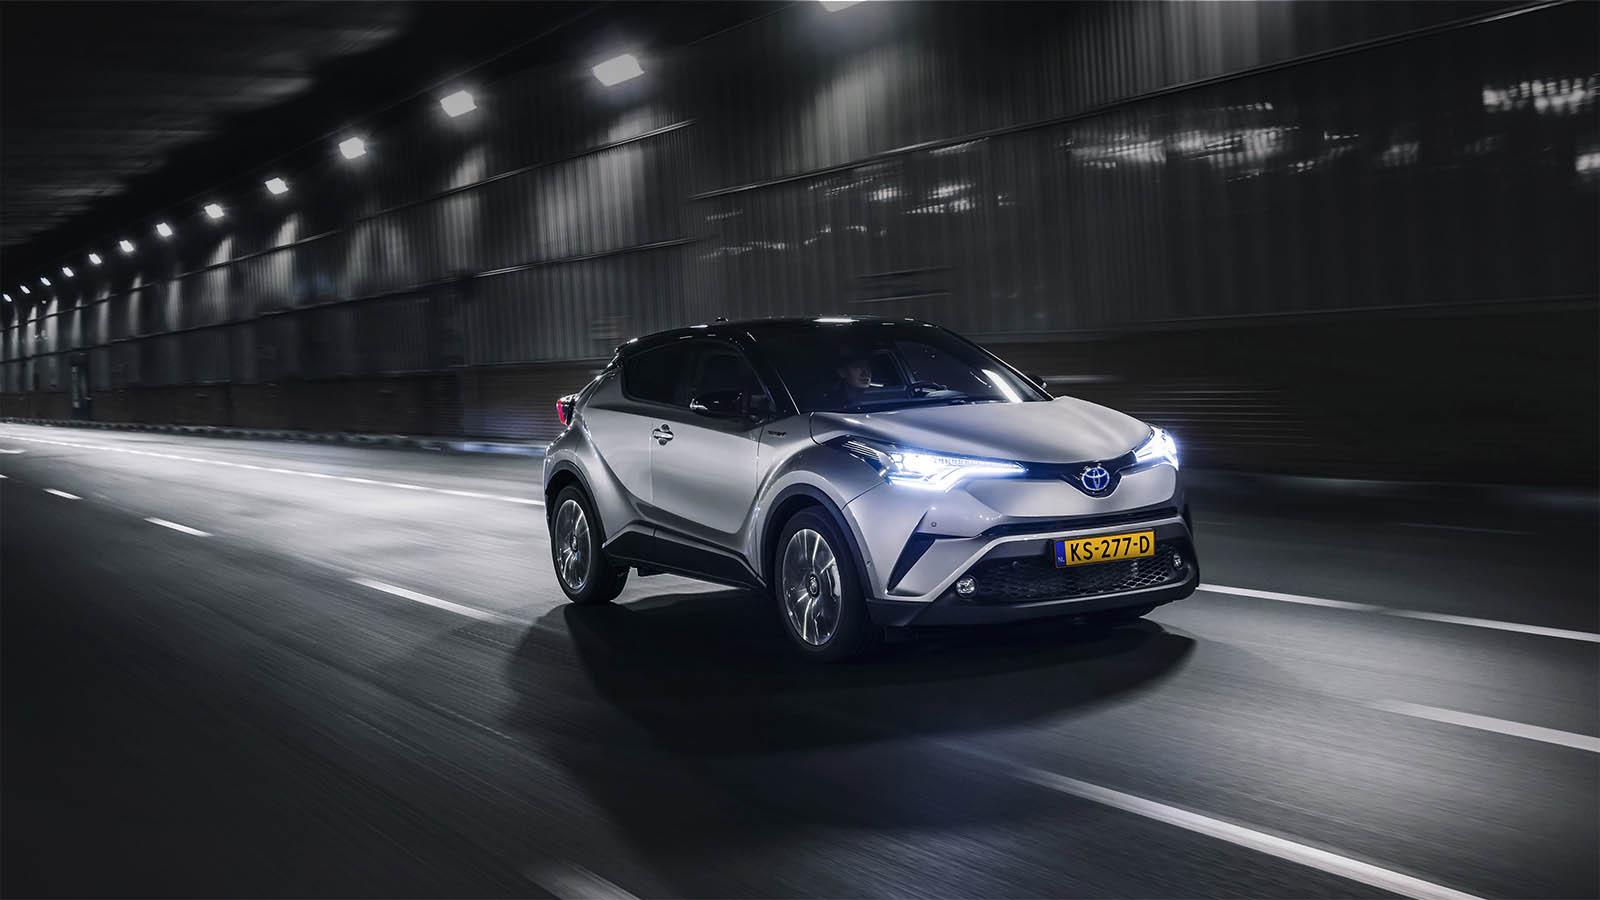 Hybride Belangrijke Aandrijfvorm Transitietijdperk Toyota